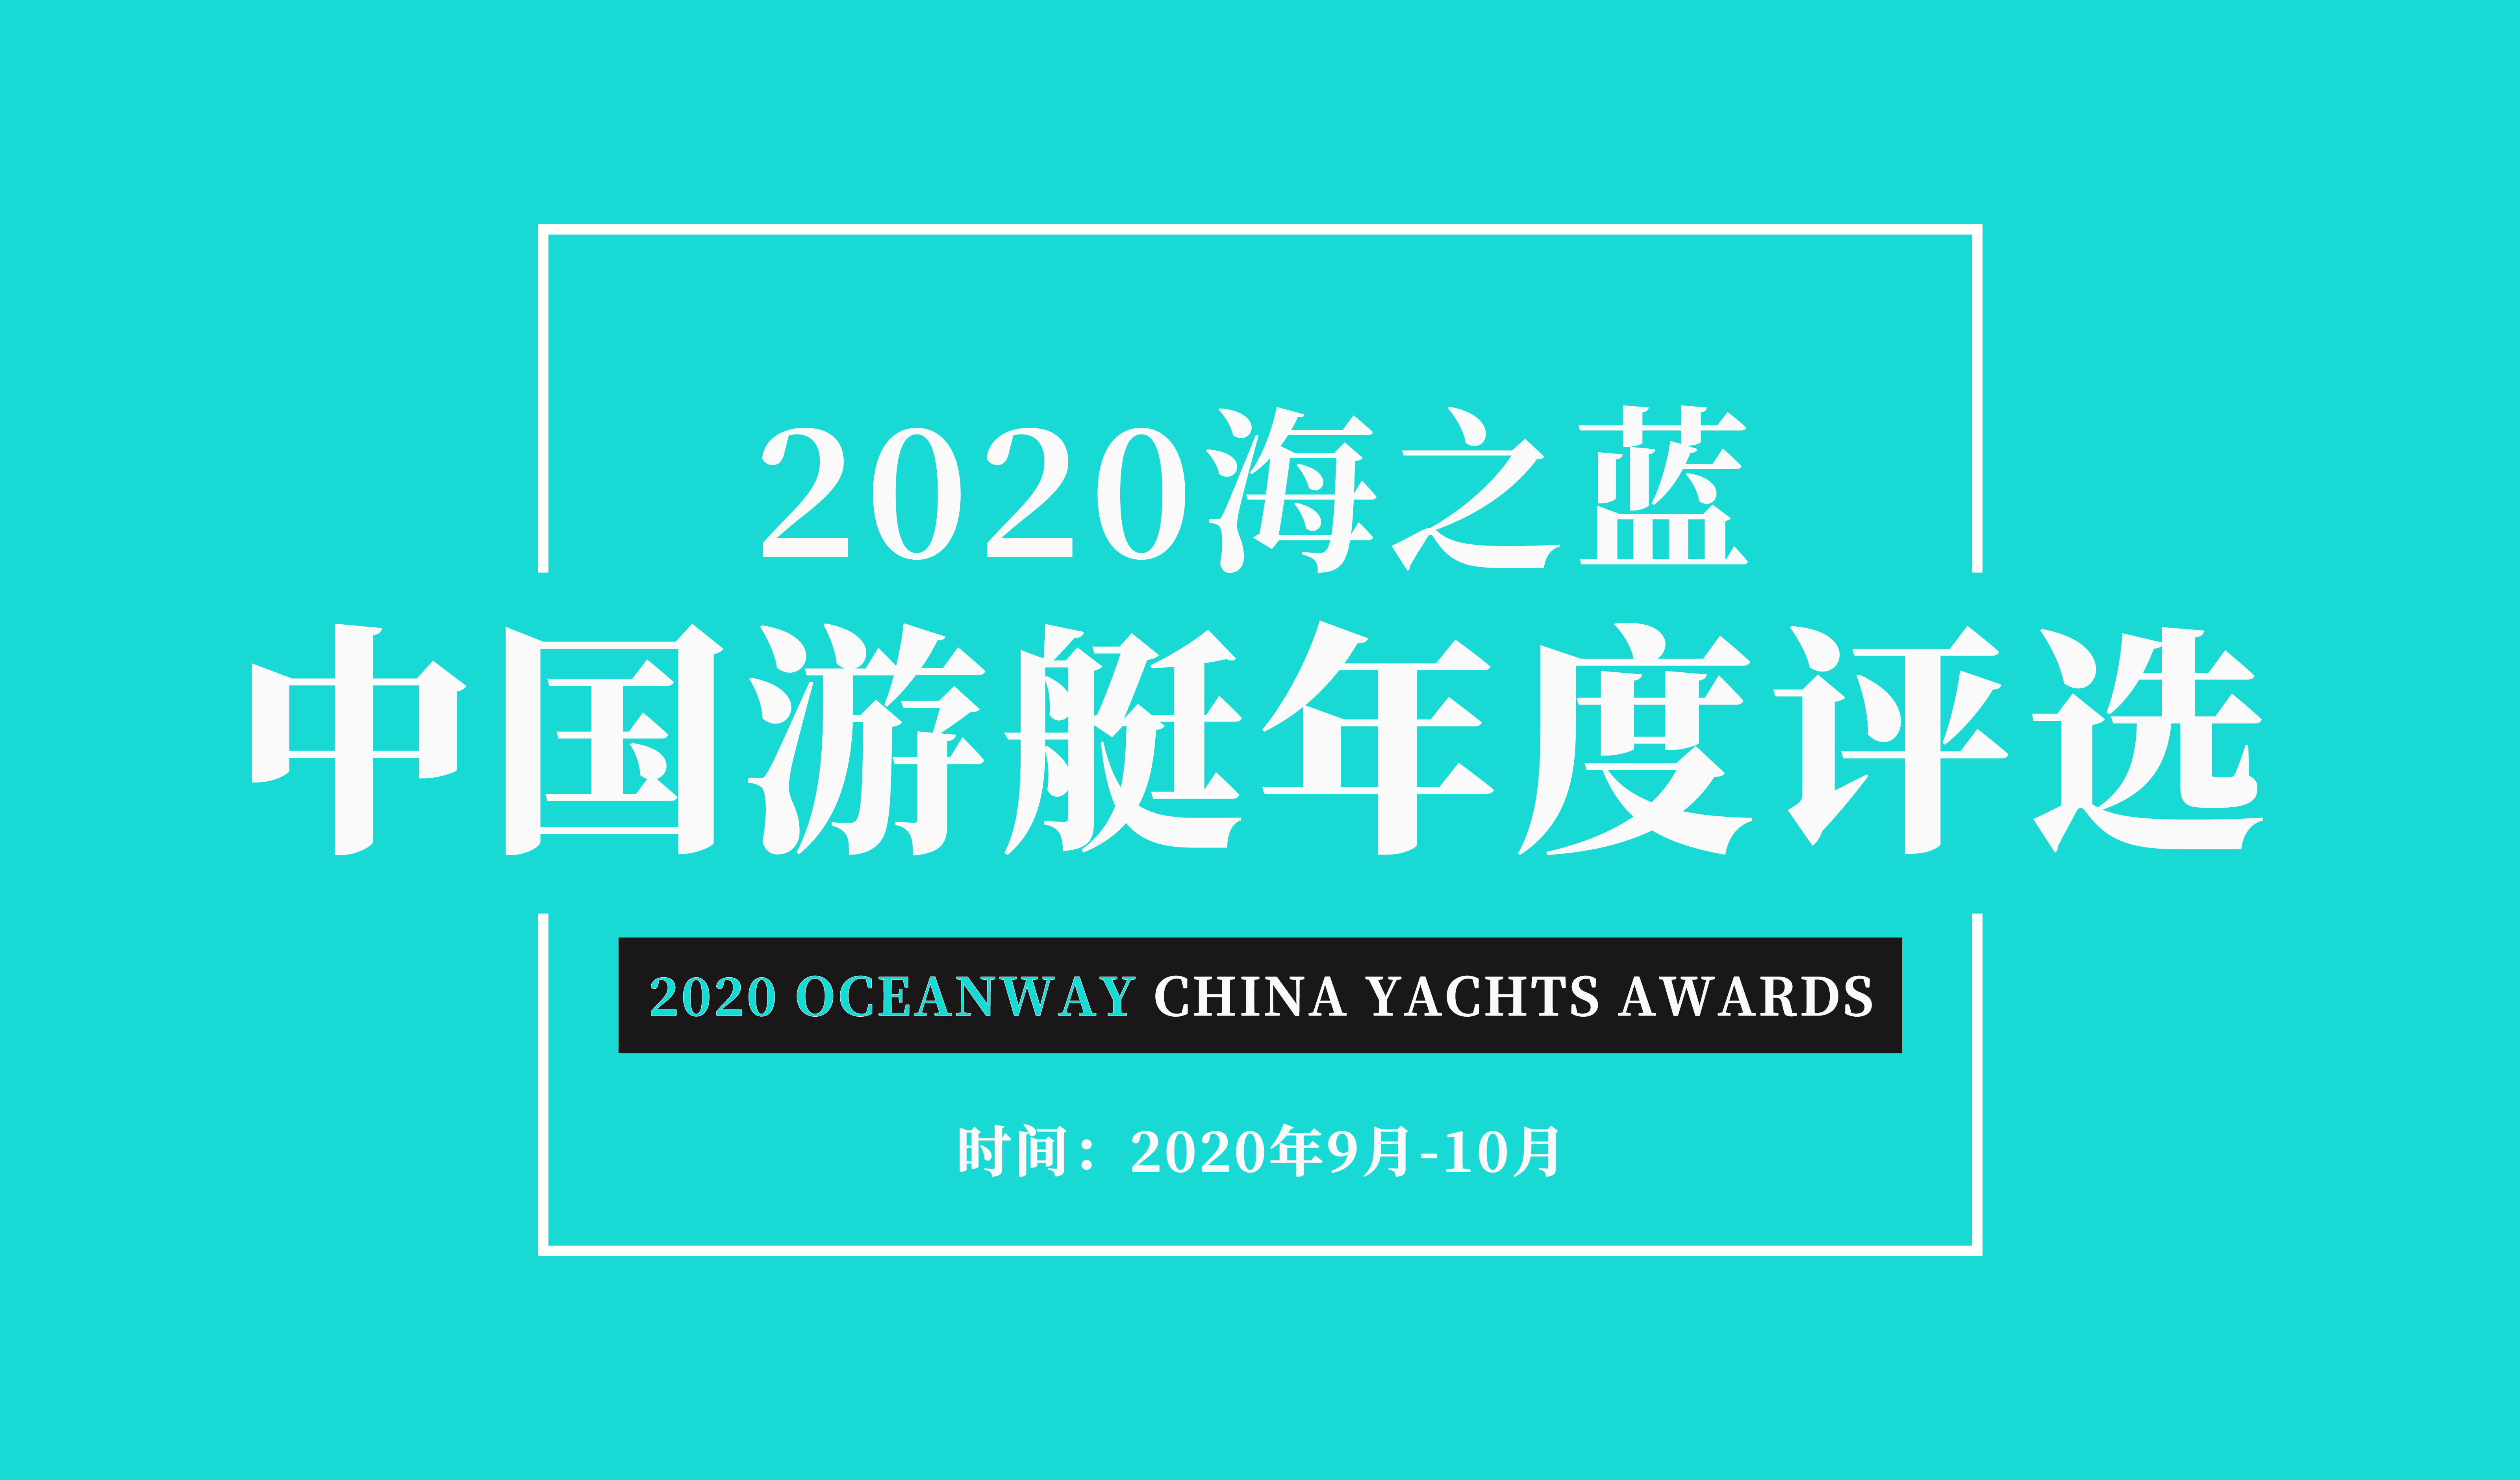 2020游艇年度評選品牌大獎三甲出爐,船艇大獎專業評委評選開始